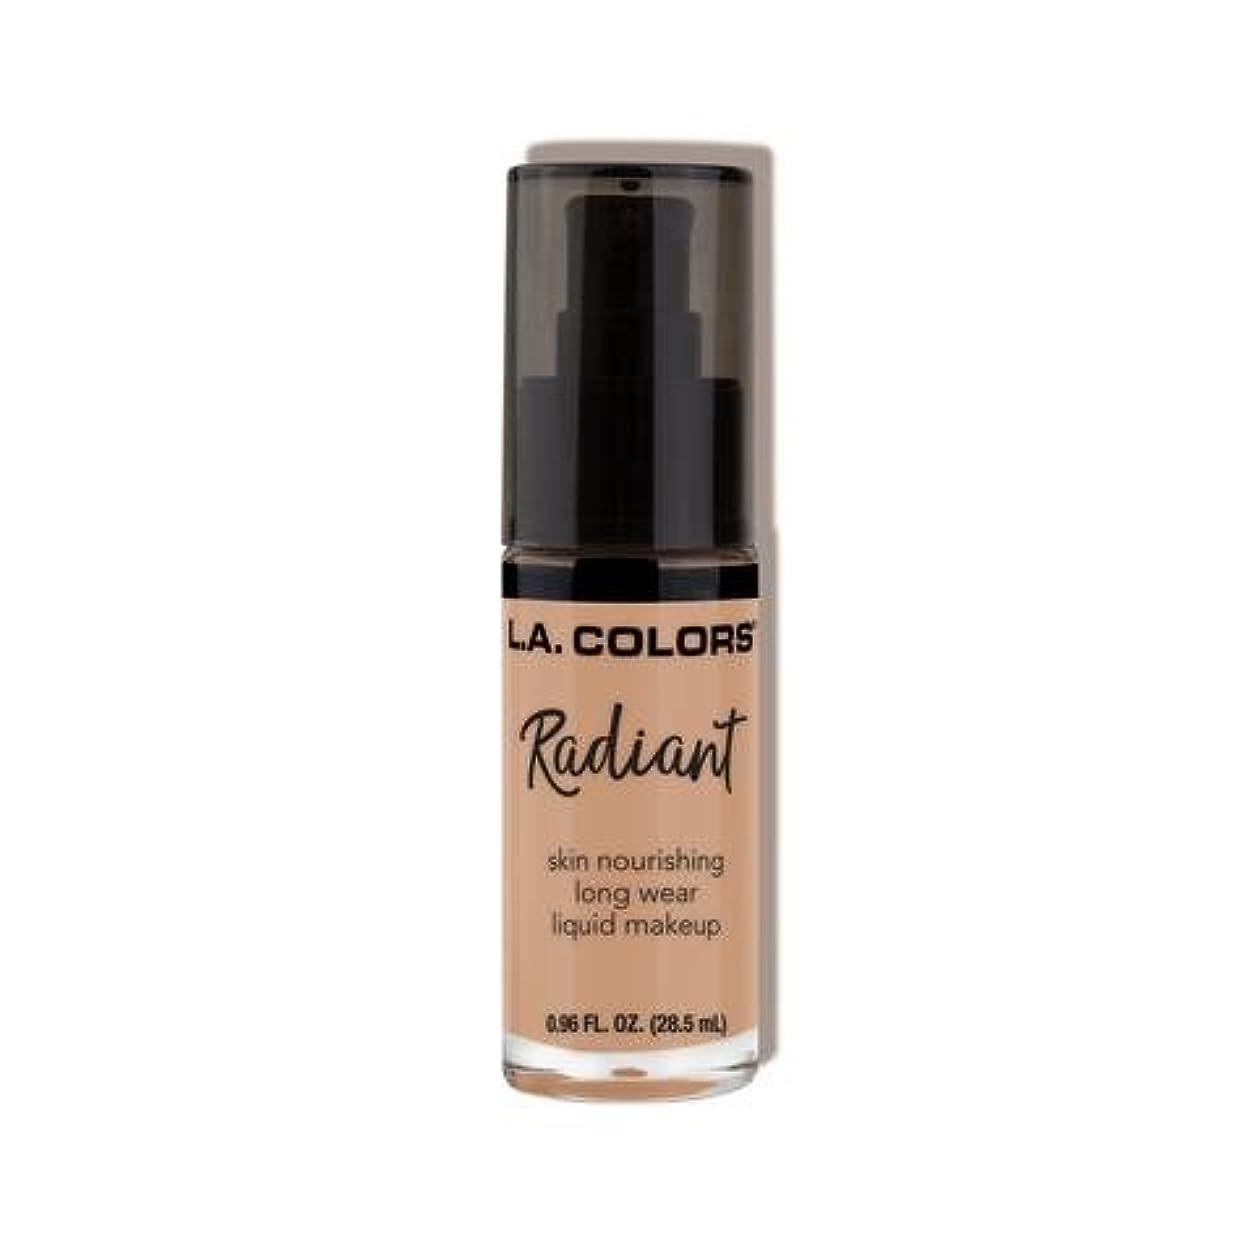 グリップまたはどちらかコテージ(6 Pack) L.A. COLORS Radiant Liquid Makeup - Medium Tan (並行輸入品)